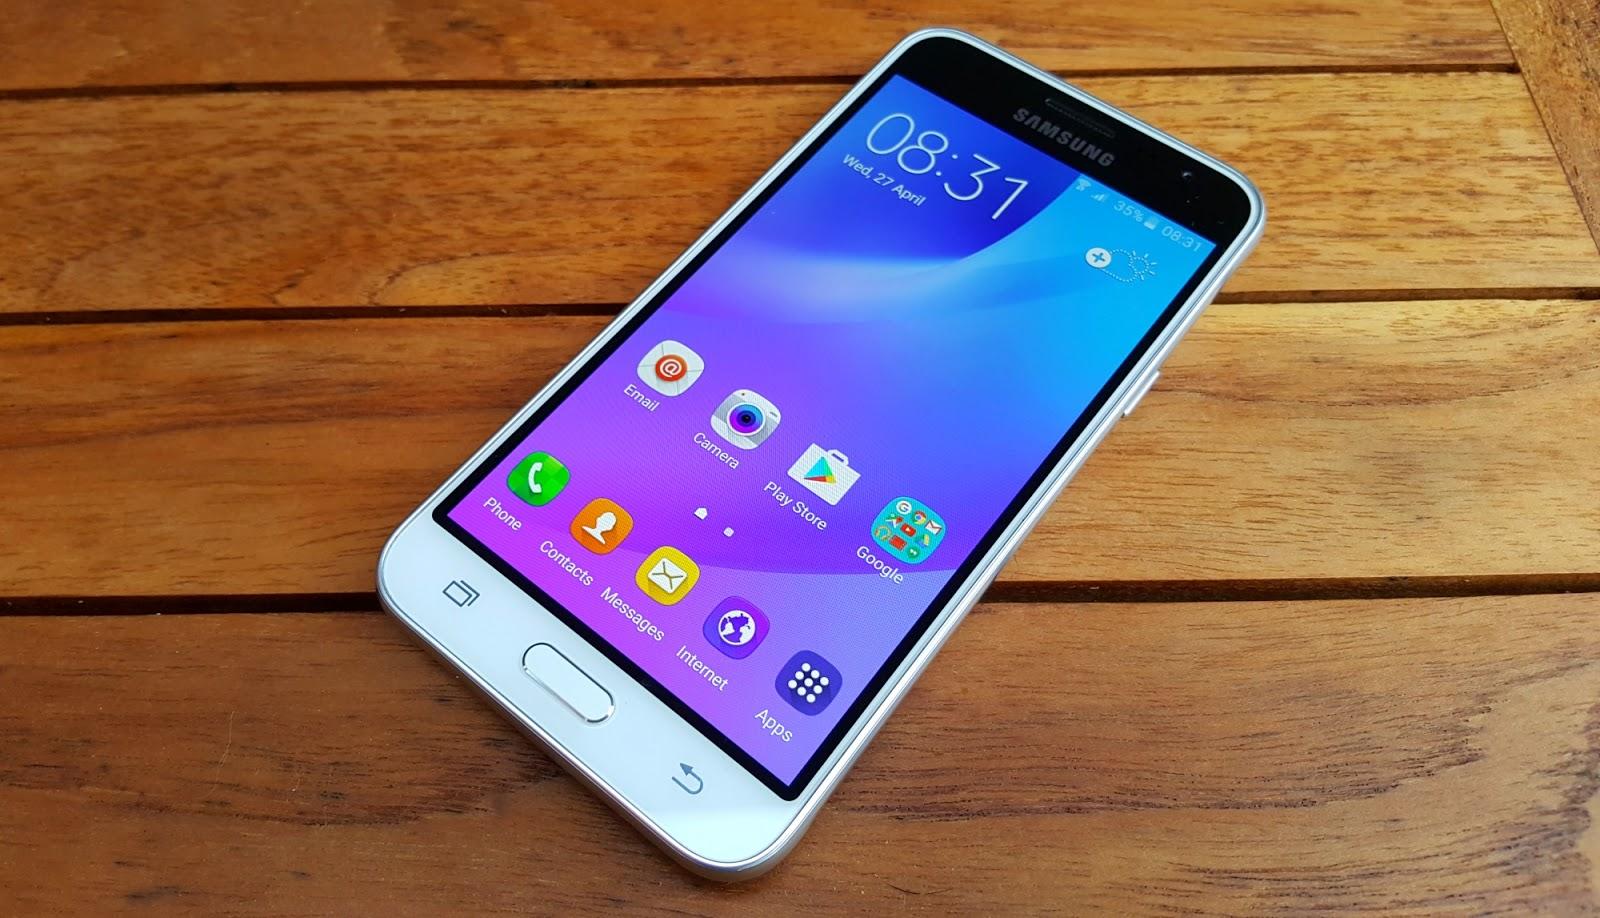 Configurazione iniziale Samsung Galaxy J3 alla prima accensione - primo avvio